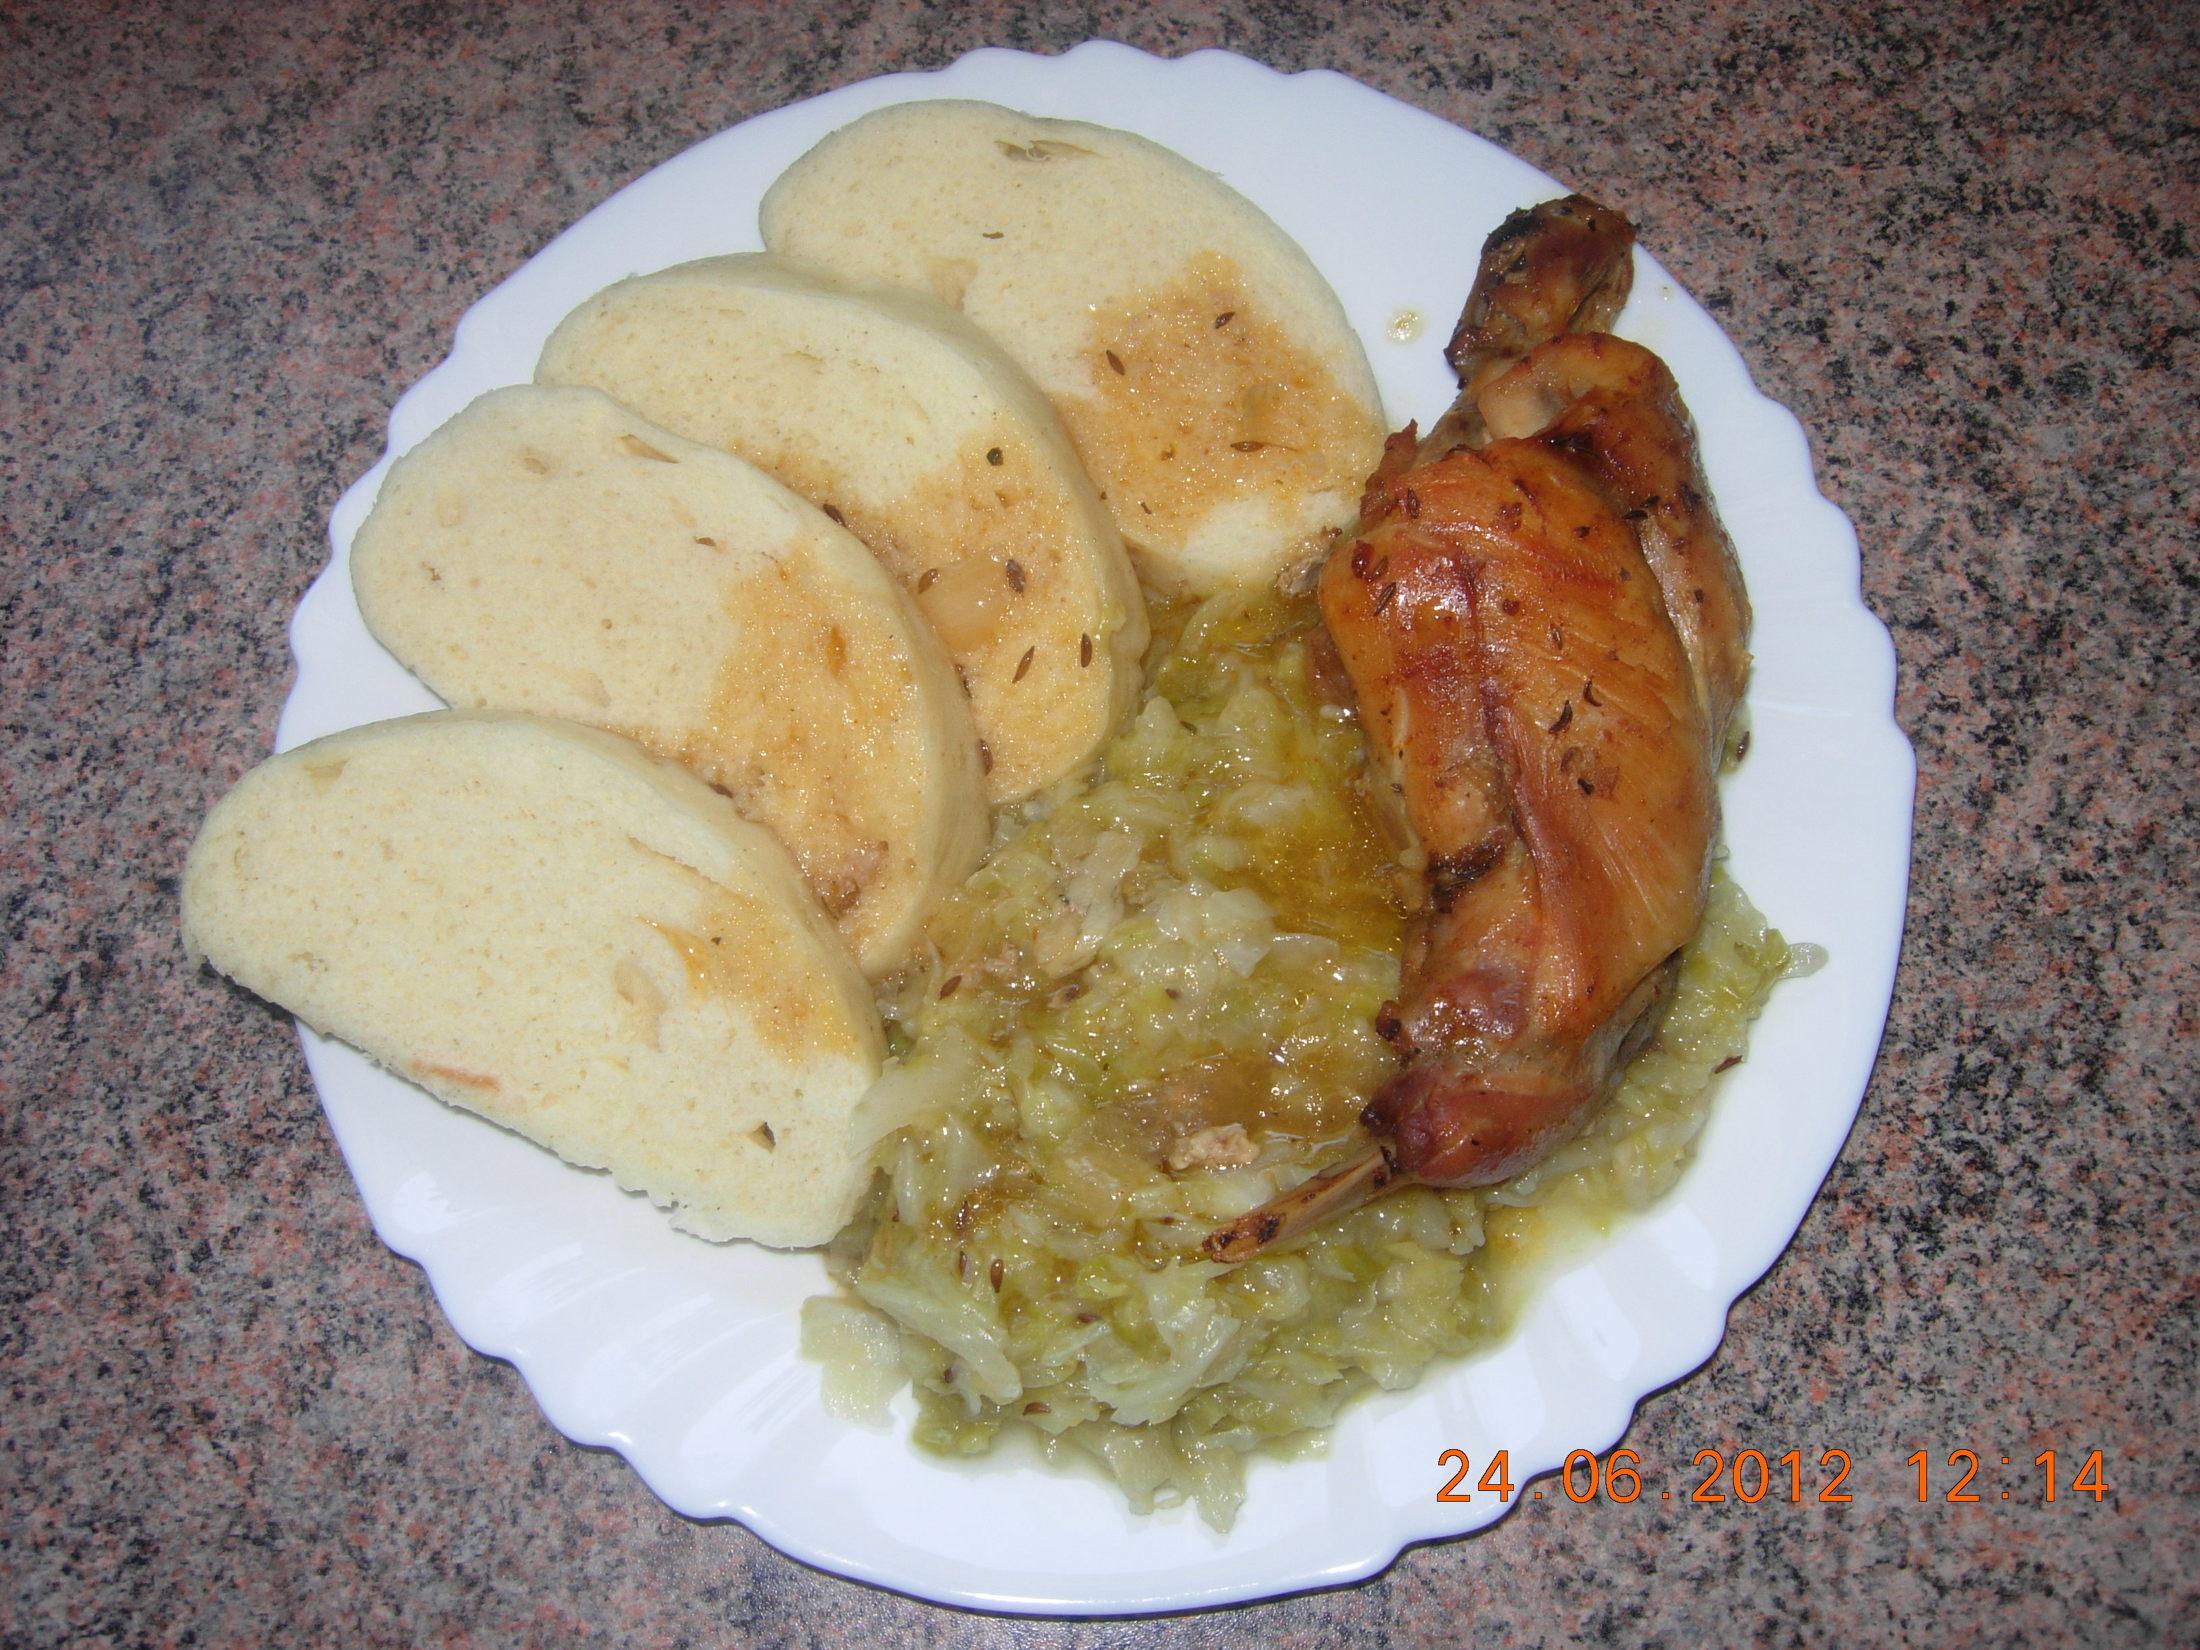 Recept Tradiční pečený králík - Tradiční pečený králík s knedlíkem a zelíčkem.